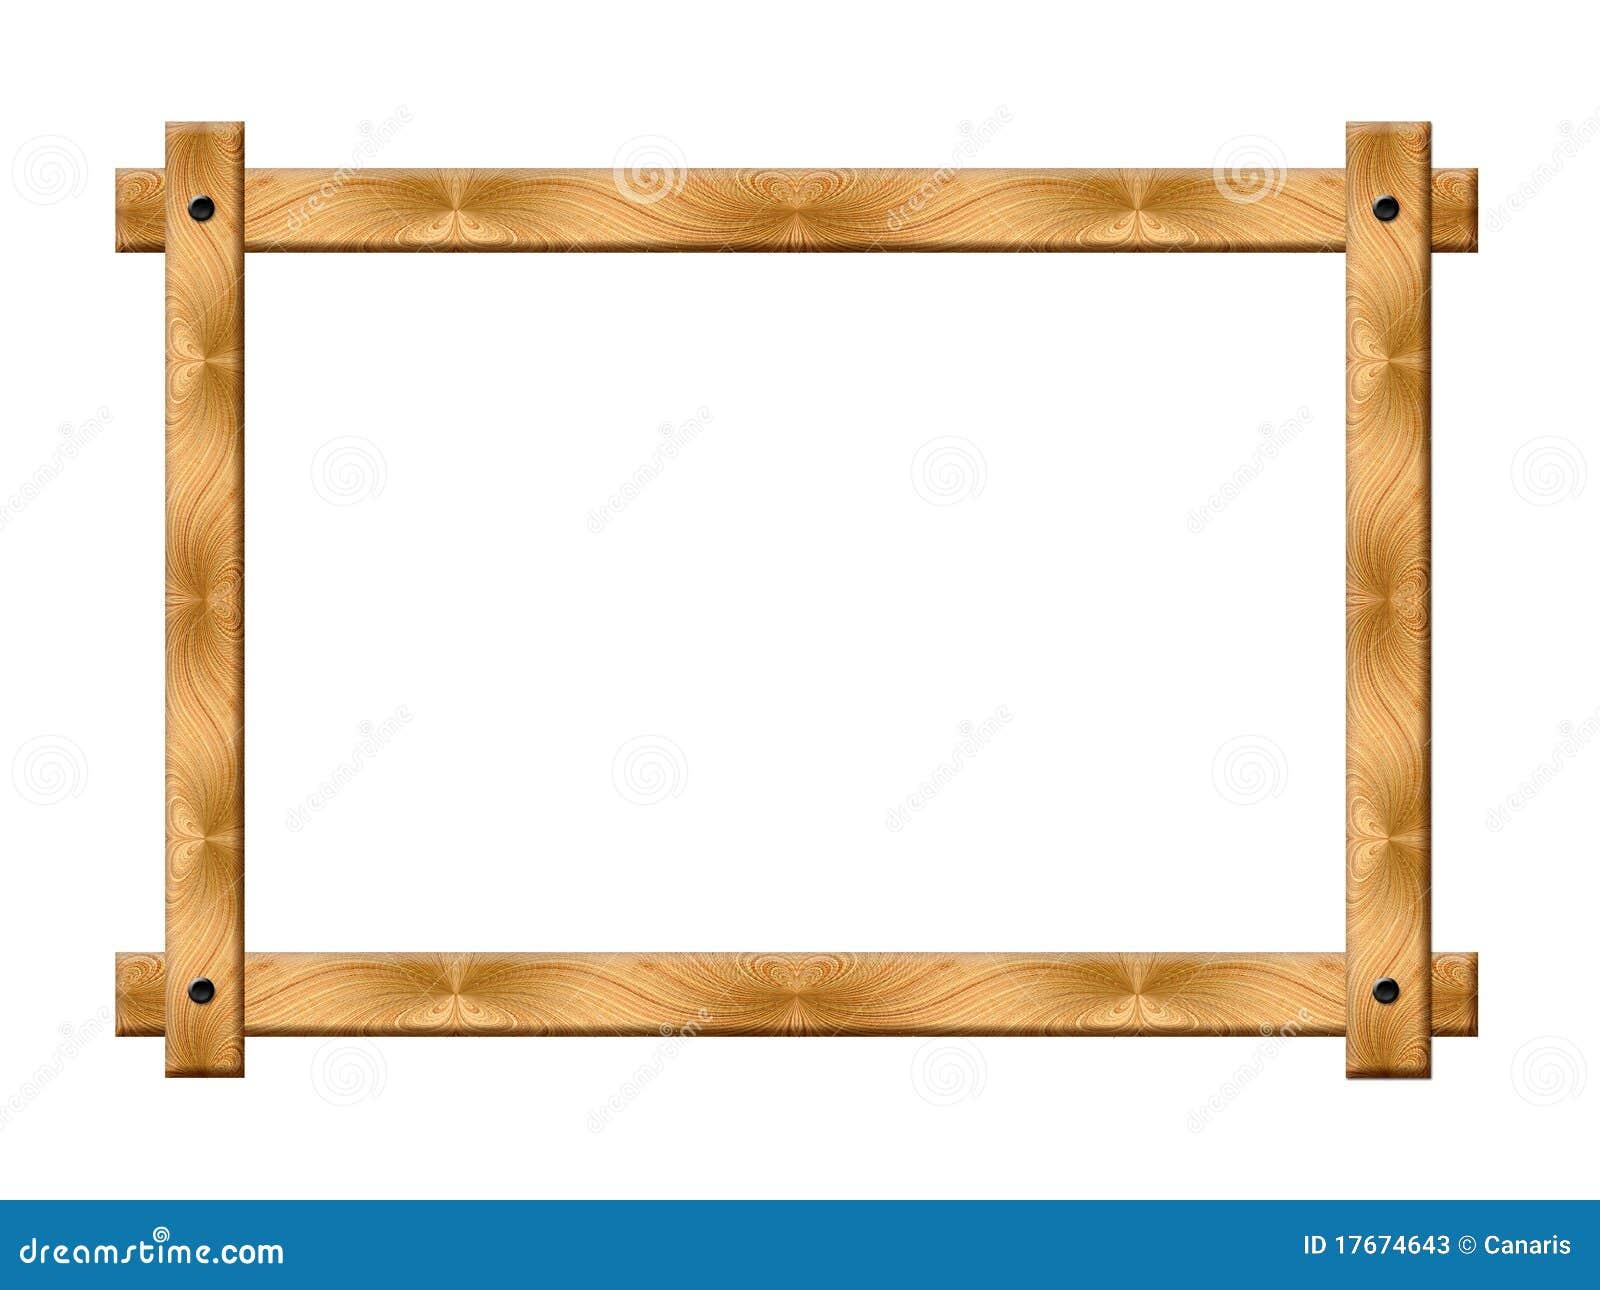 ppt 背景 背景图片 边框 模板 设计 相框 1300_1065图片